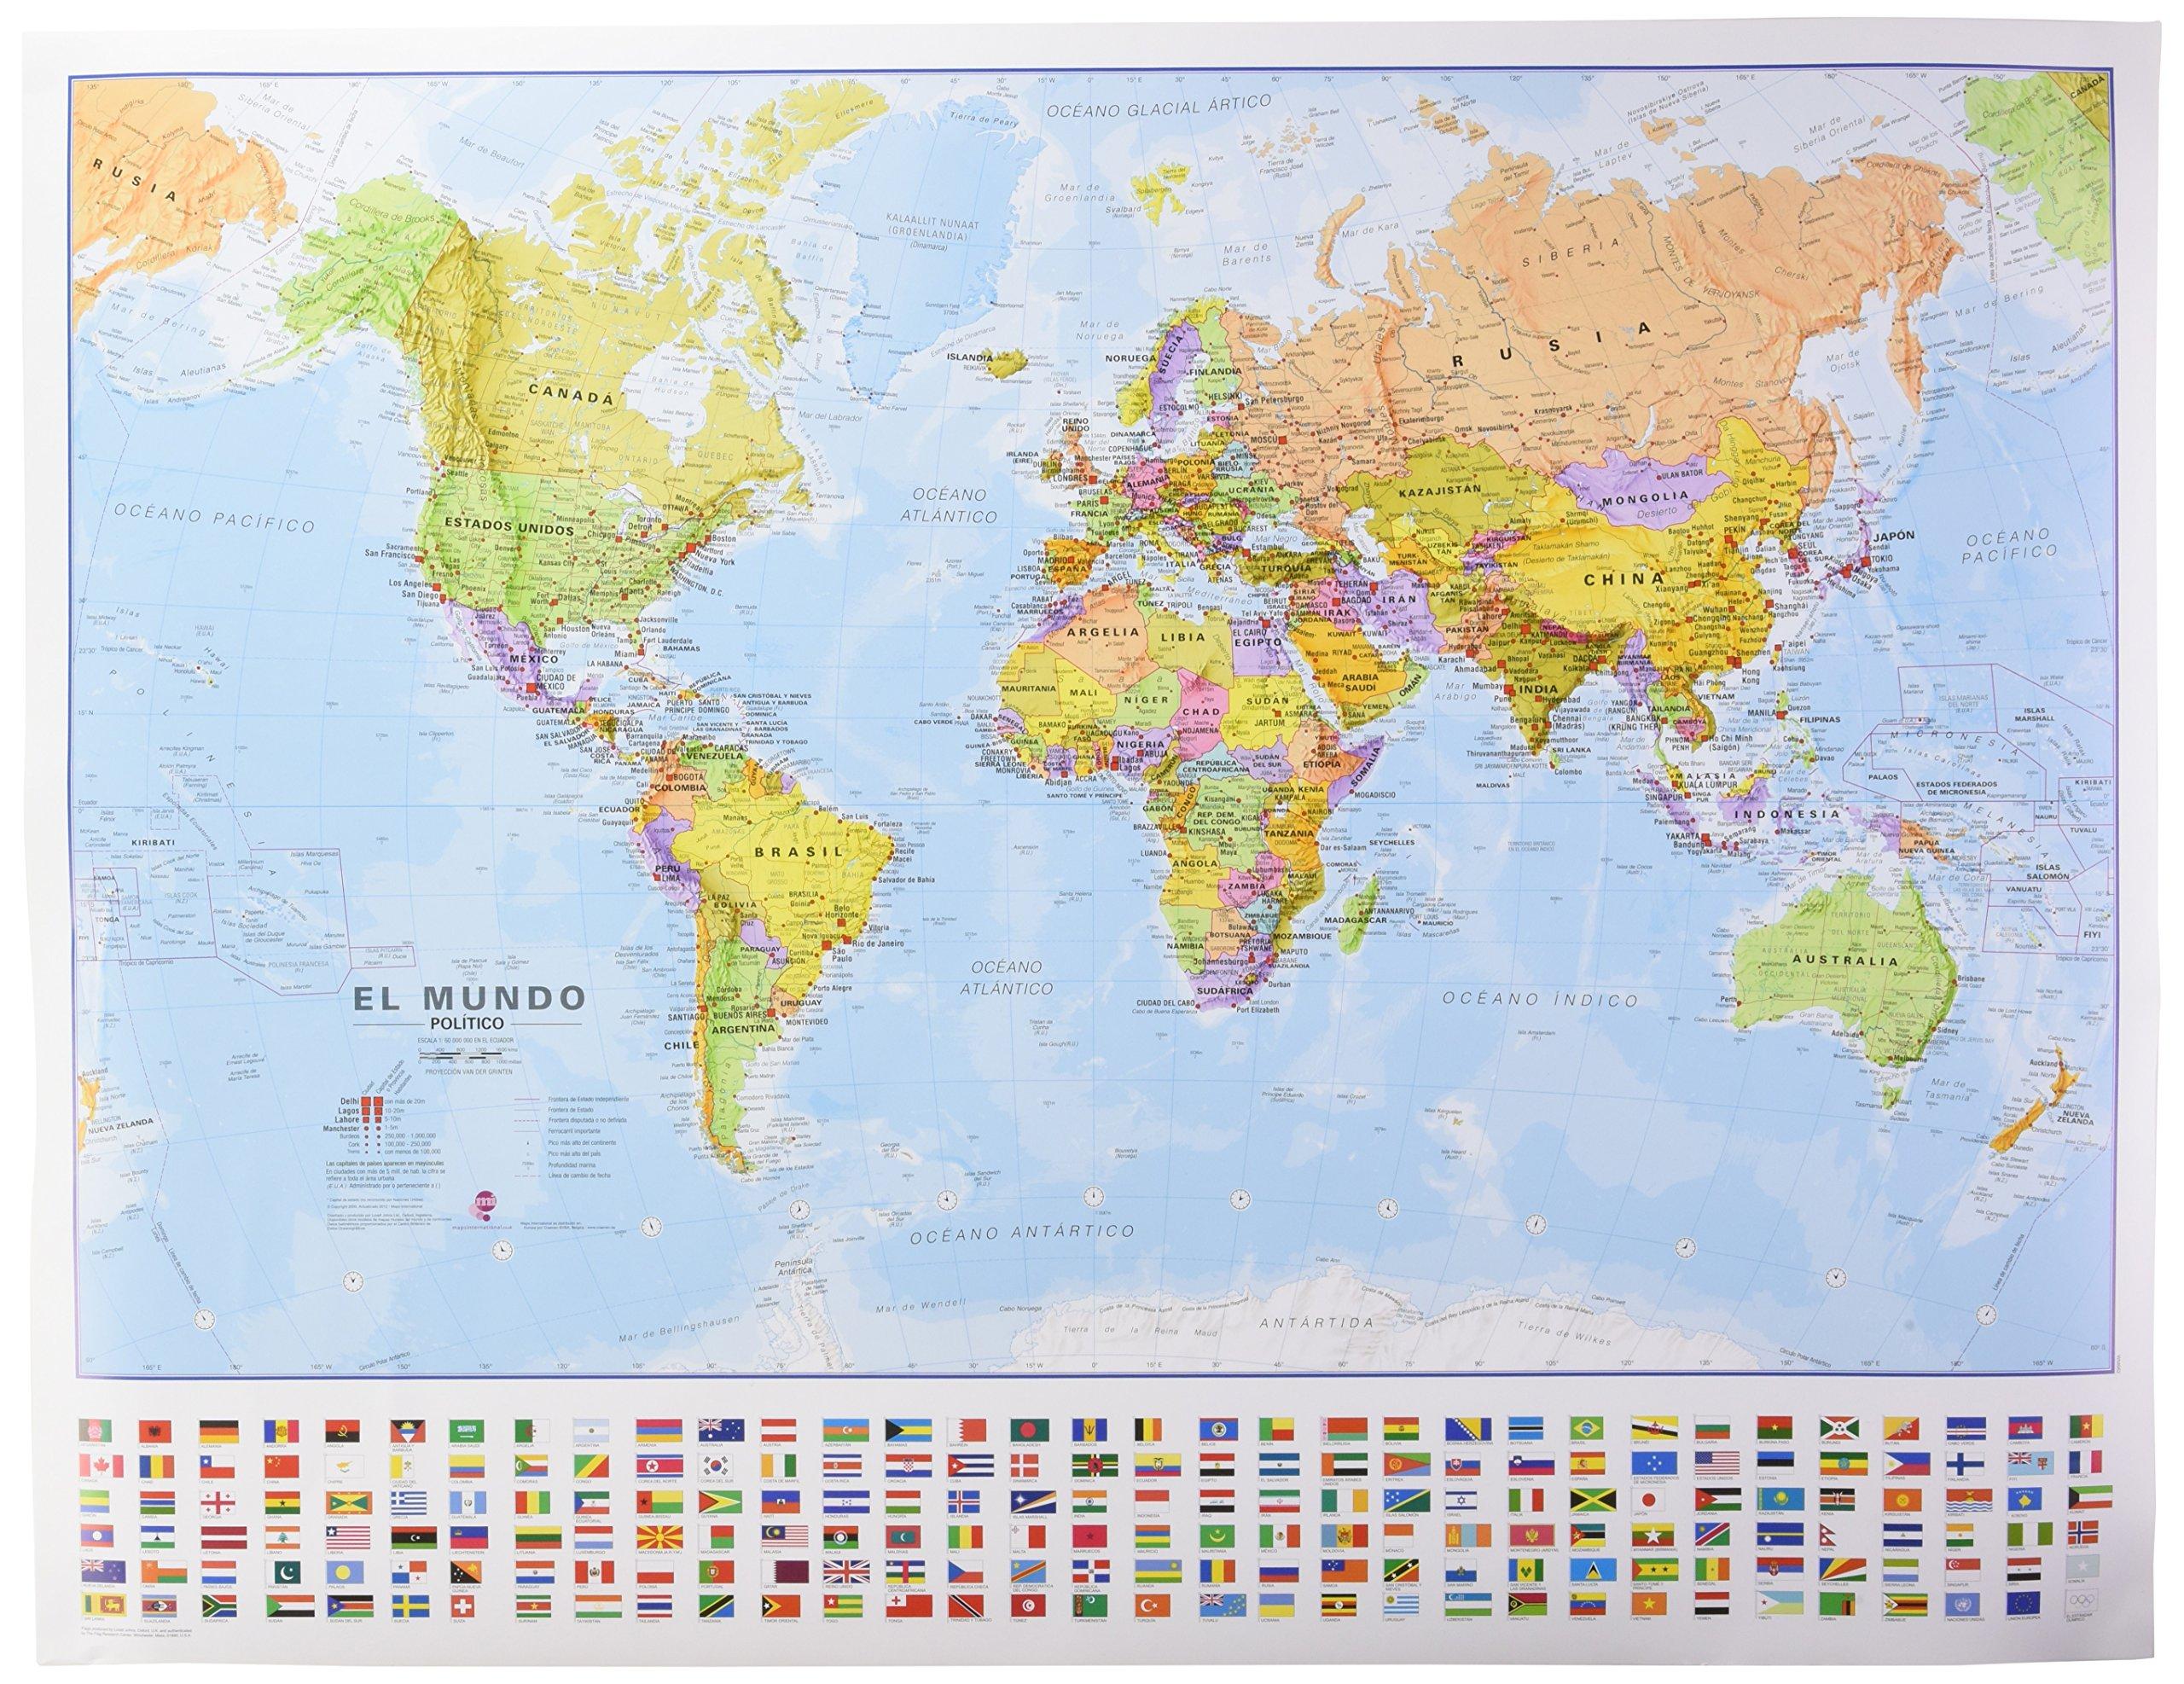 Mapa mural del Mundo castellano con banderas 68x53 cm escala 1:60.000.000. Maps International.: Amazon.es: VV.AA.: Libros